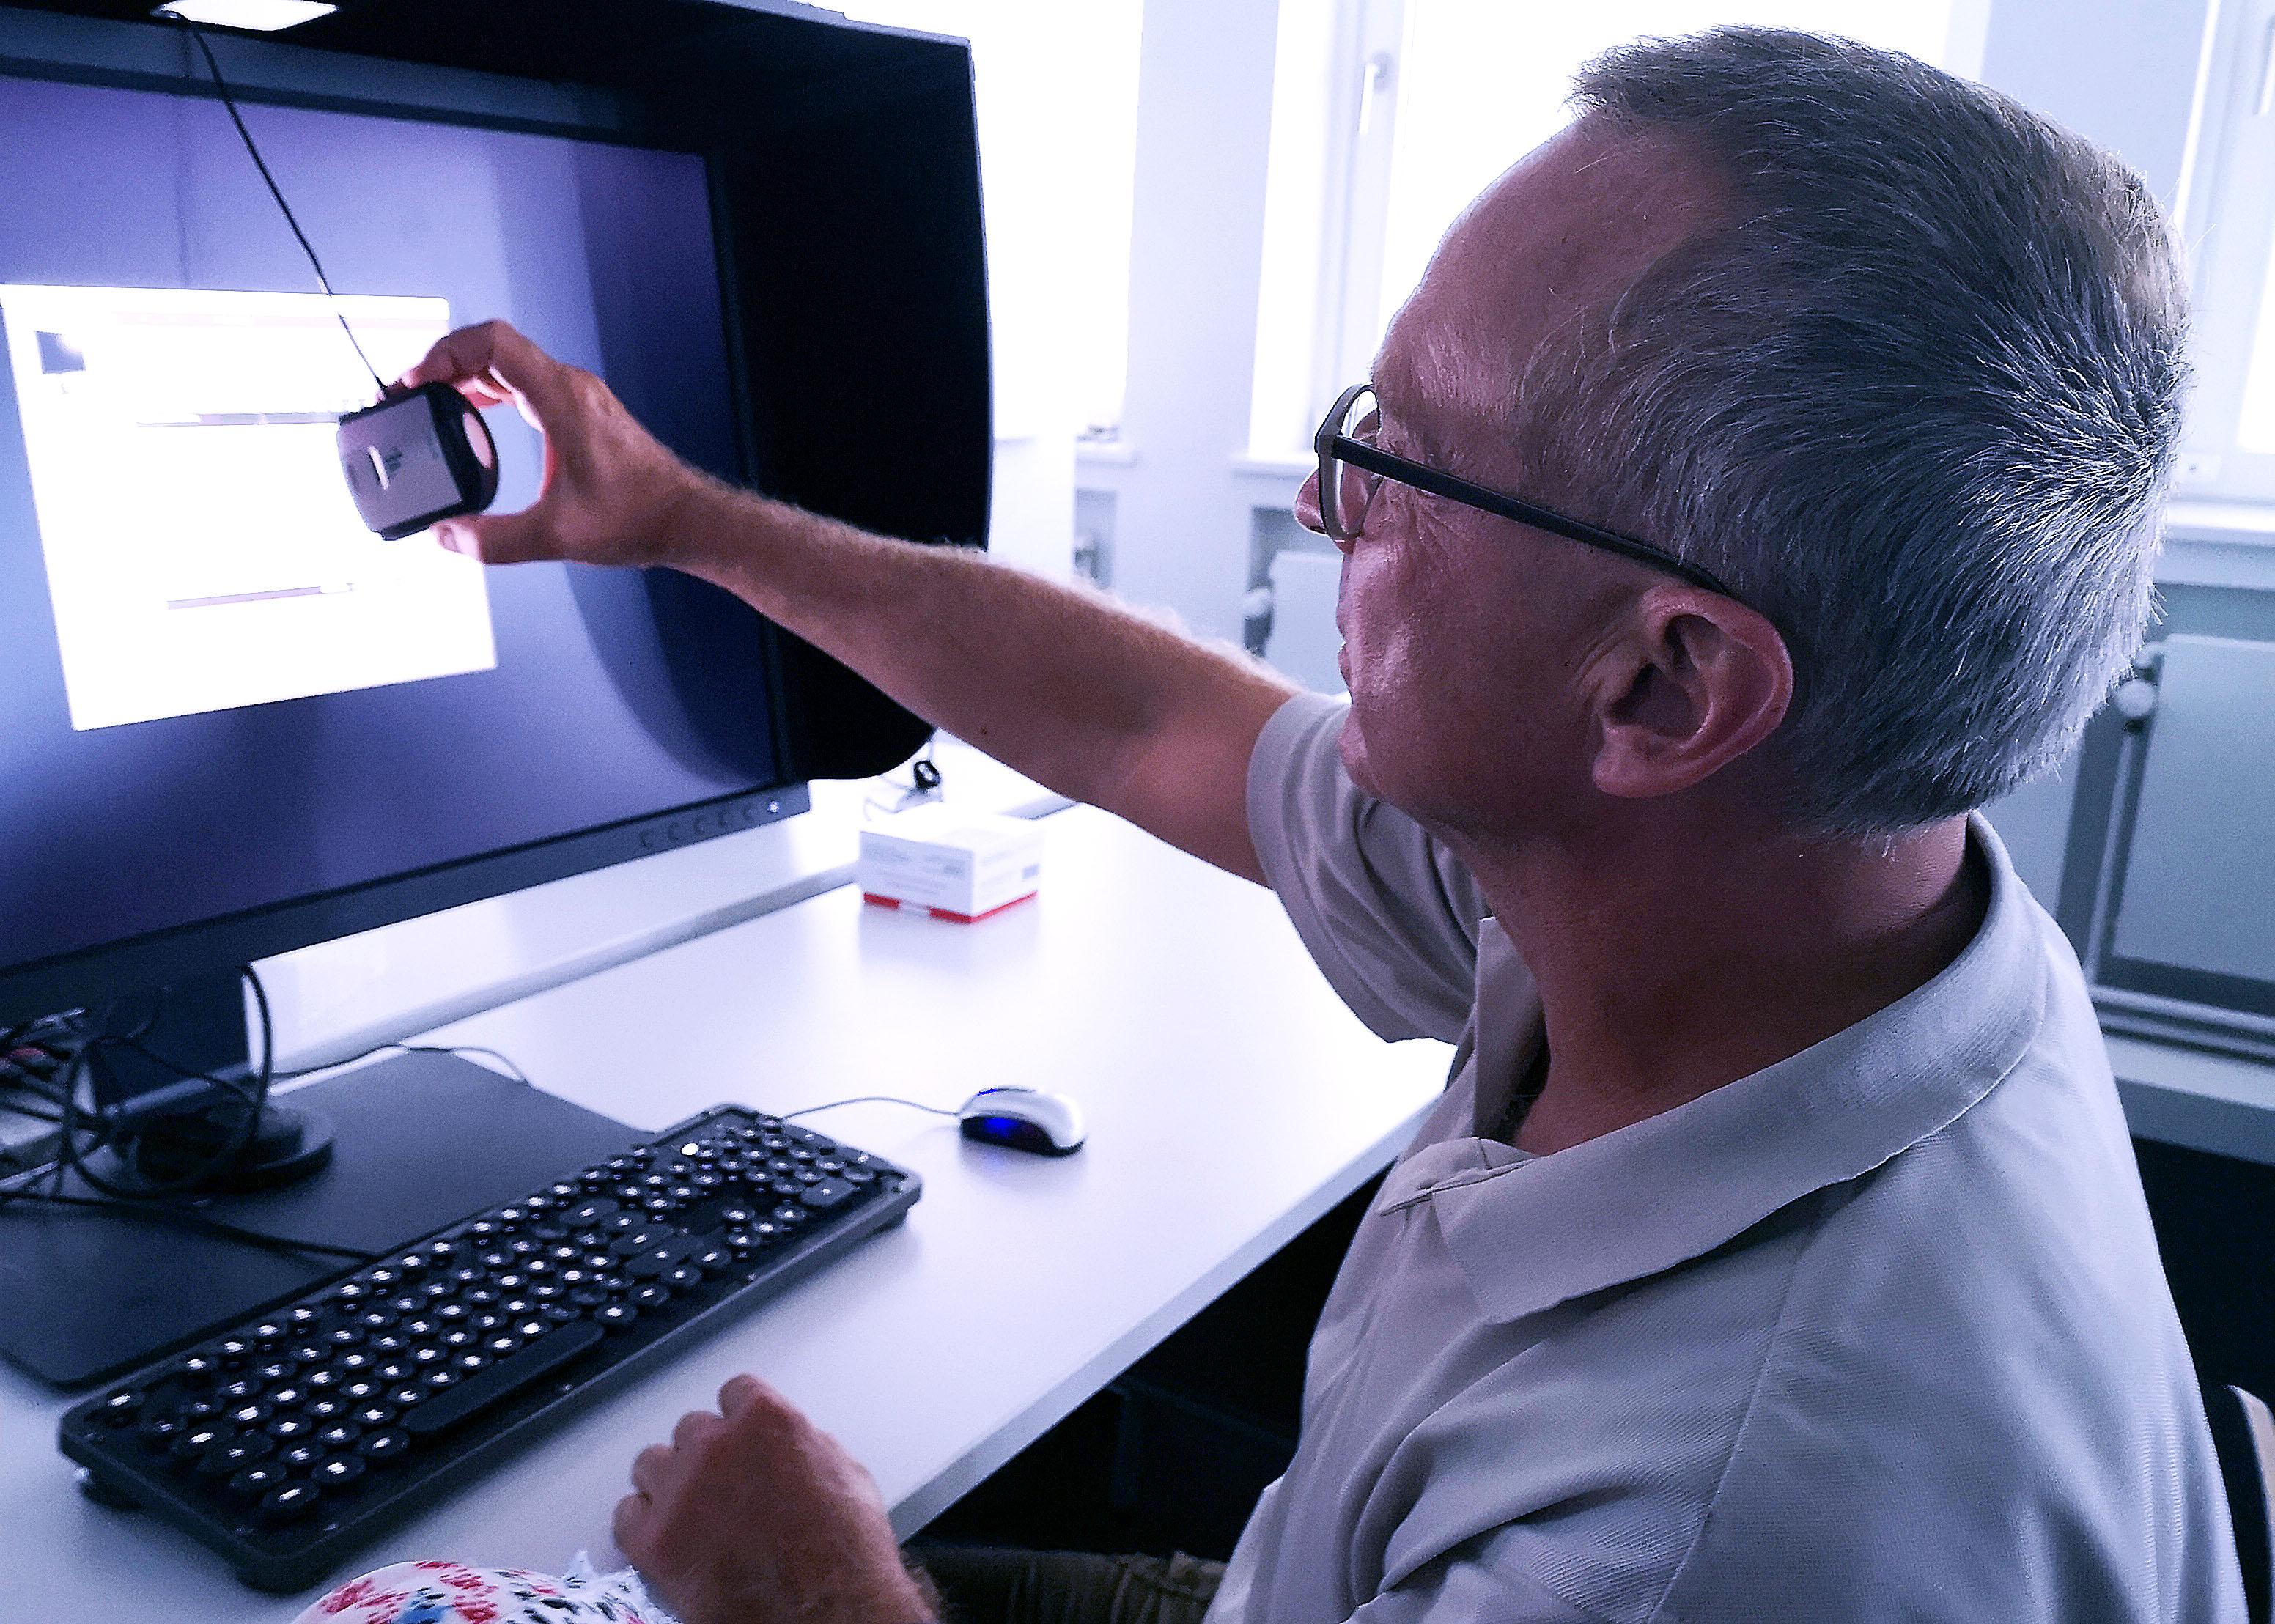 Foto: Michael B. Rehders - Konzentriert bei der Sache. Diesem Teilnehmer gelang es schnell ganz ohne Hilfe, das Color Management Display zu kalibrieren.